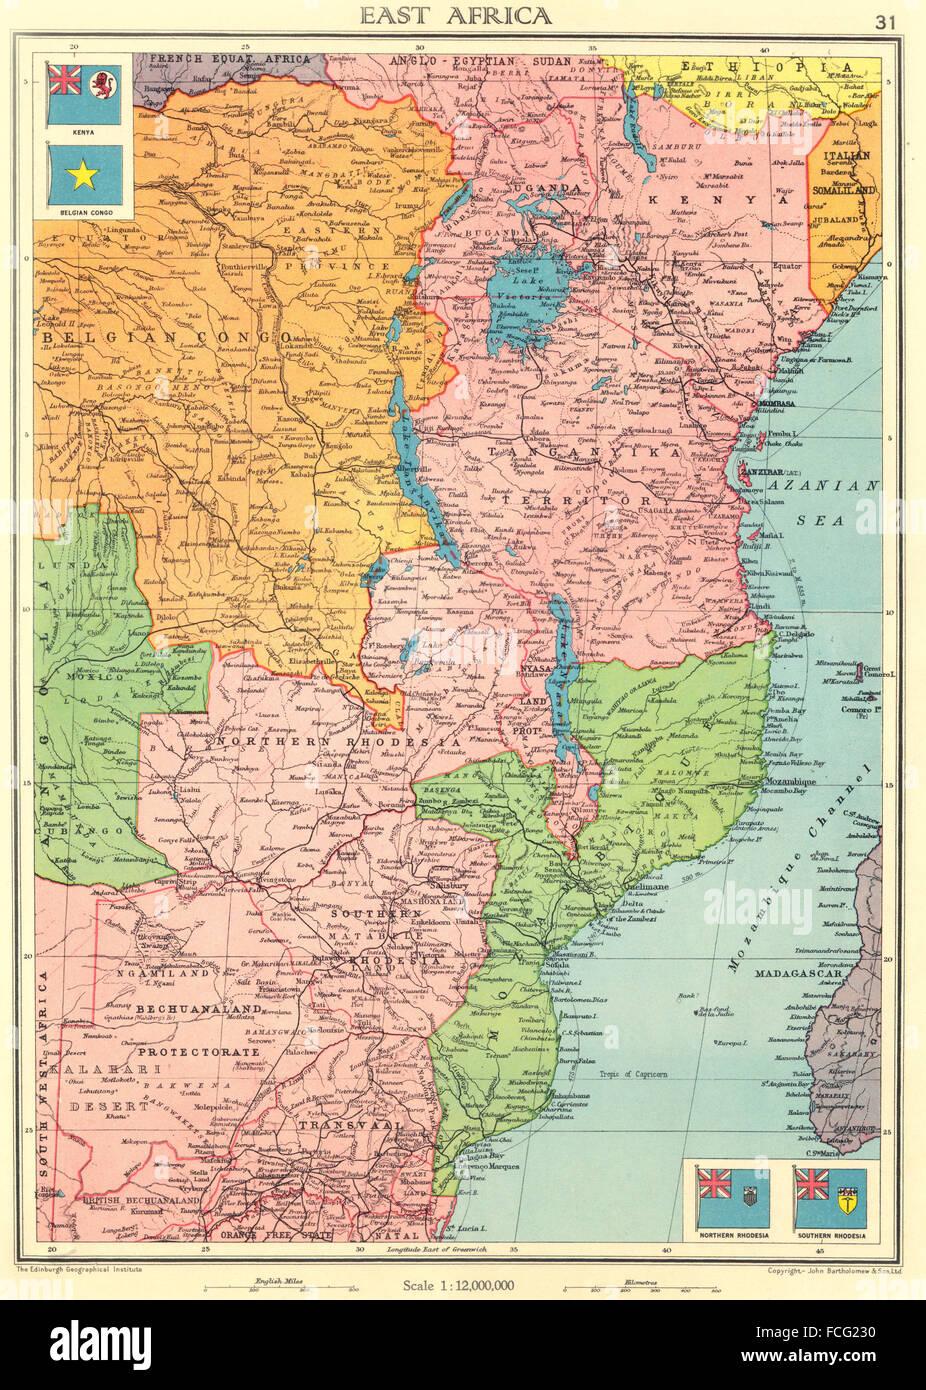 Kenya Map Stock Photos & Kenya Map Stock Images - Alamy